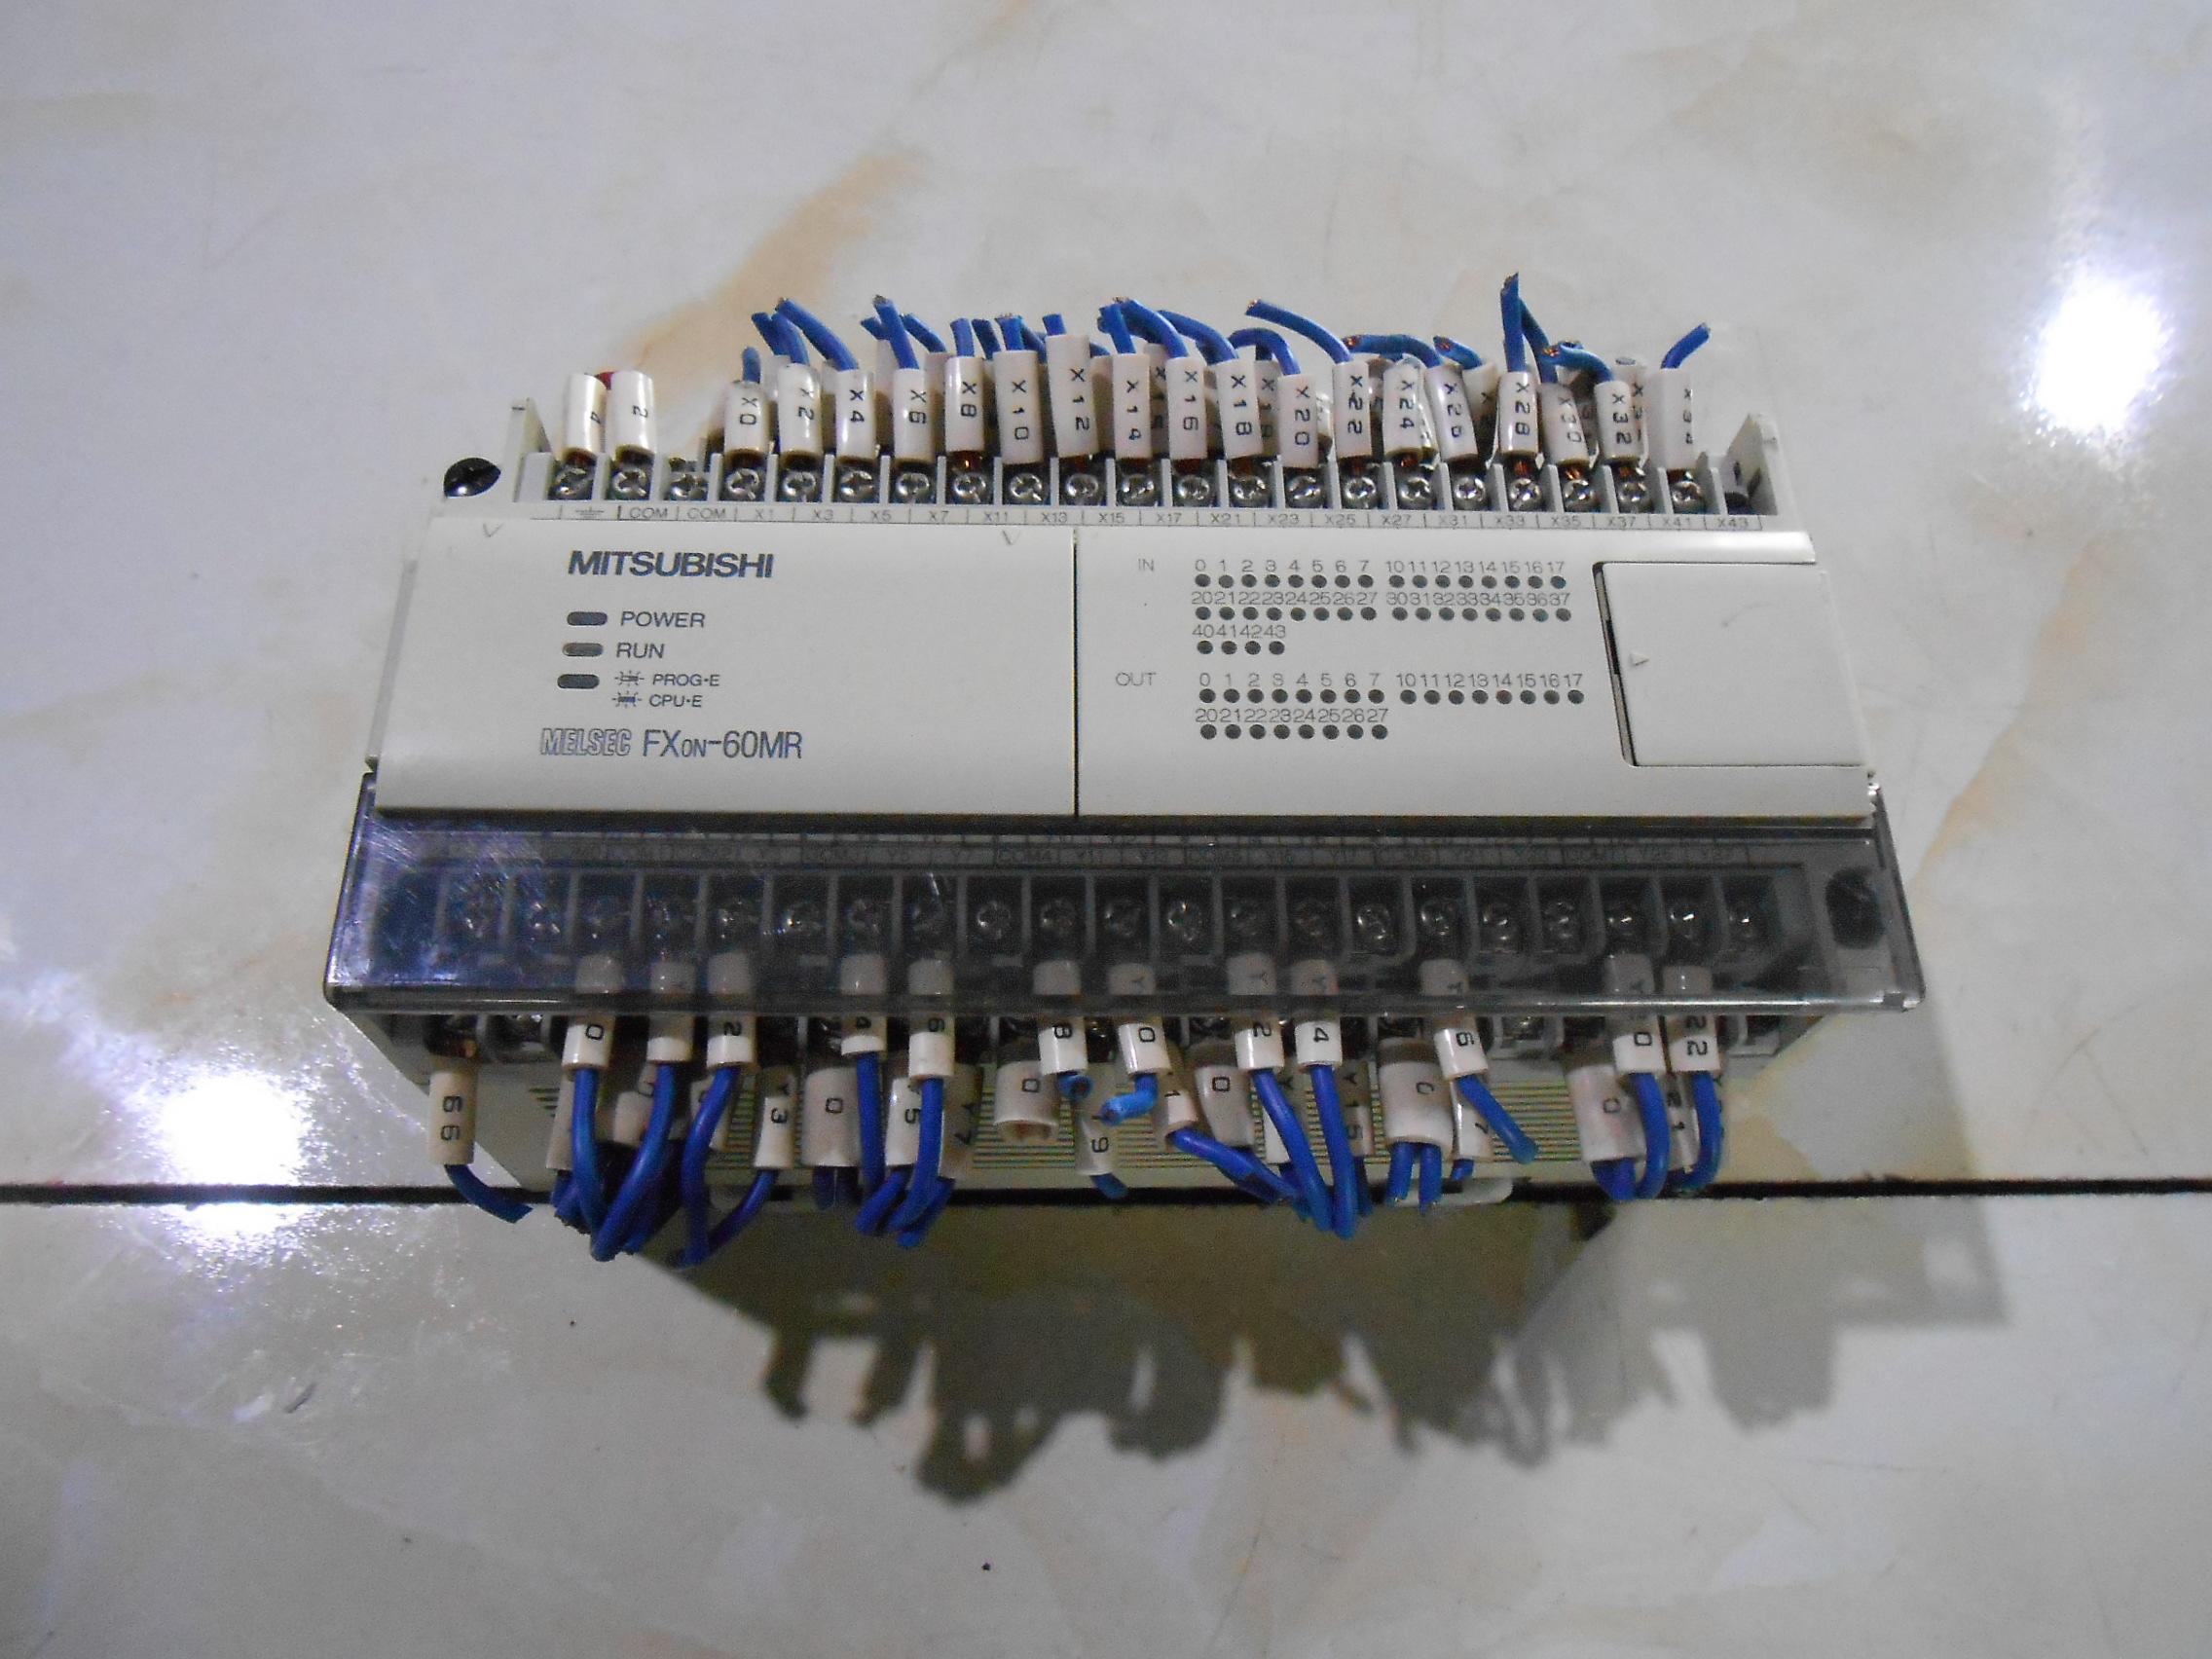 中古GEMAXのPLC三菱PLCFX0N-60MR-001実物図引合代購